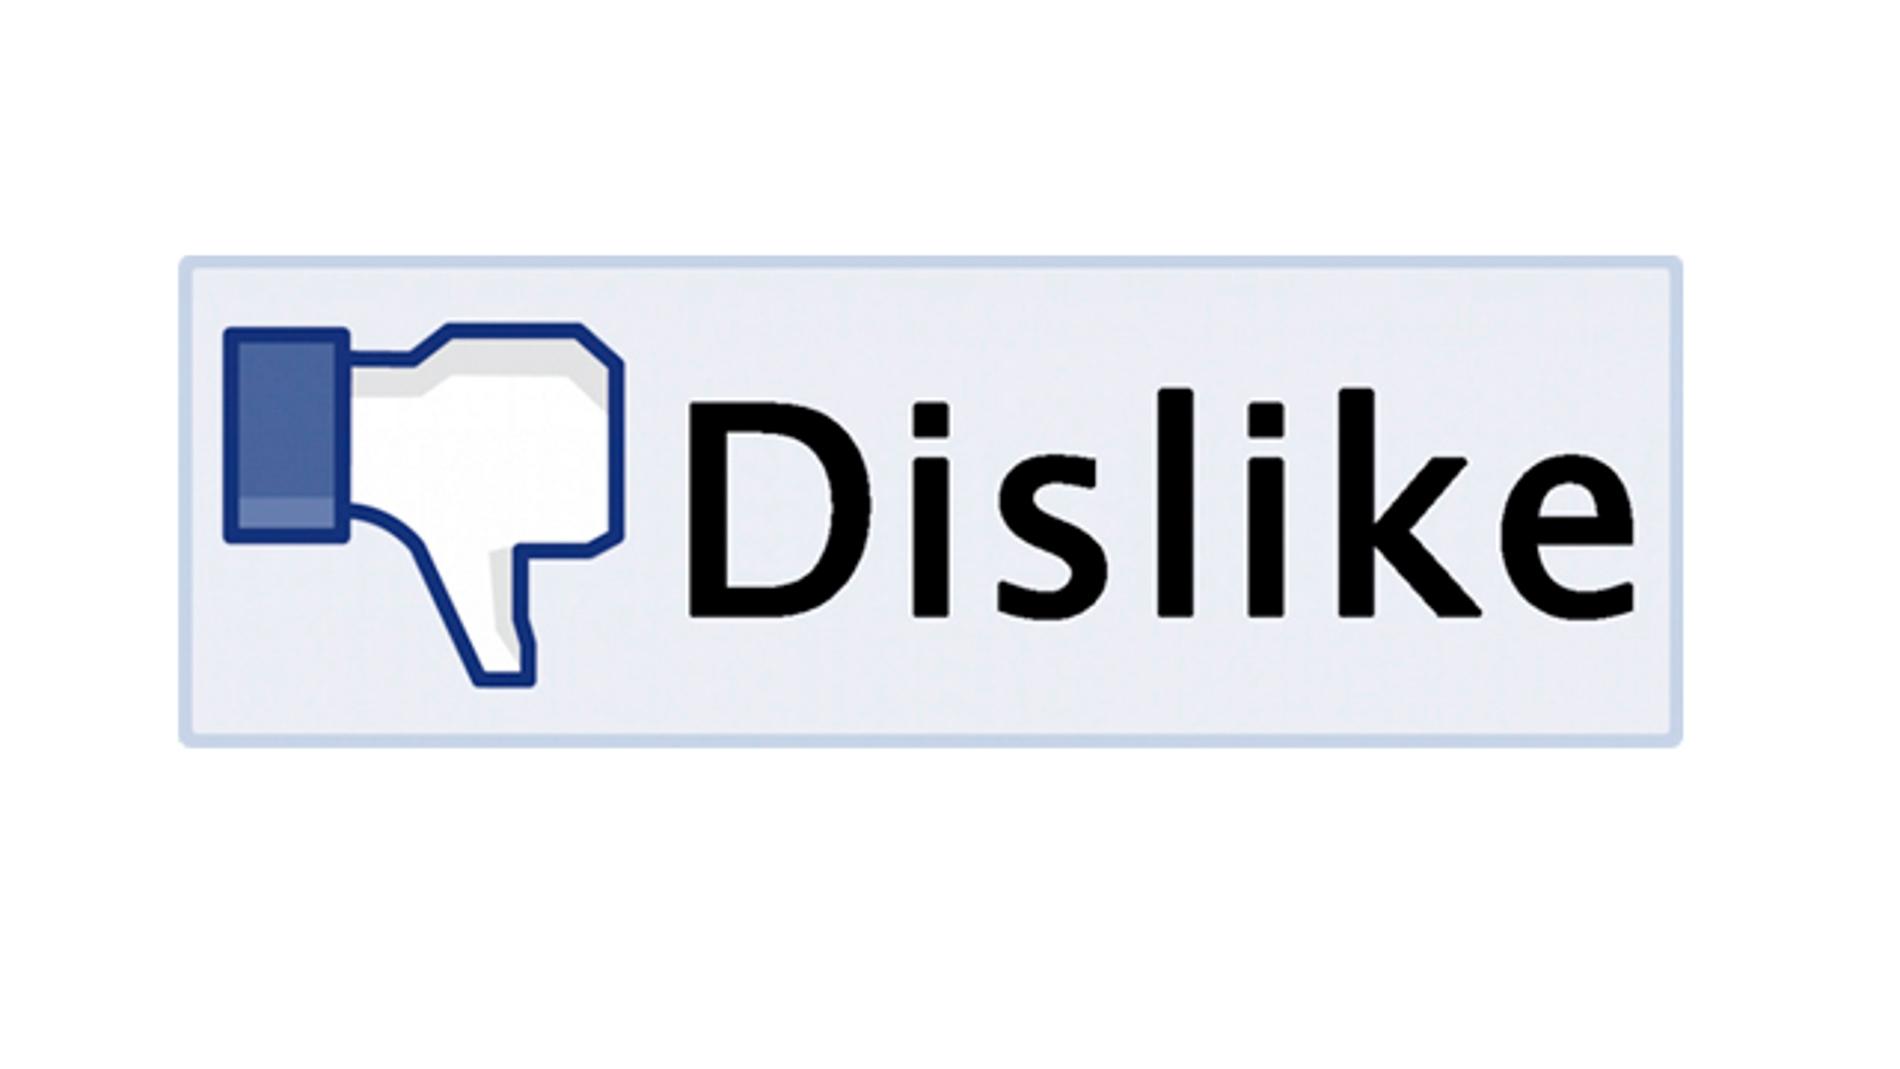 Dislike vs Like